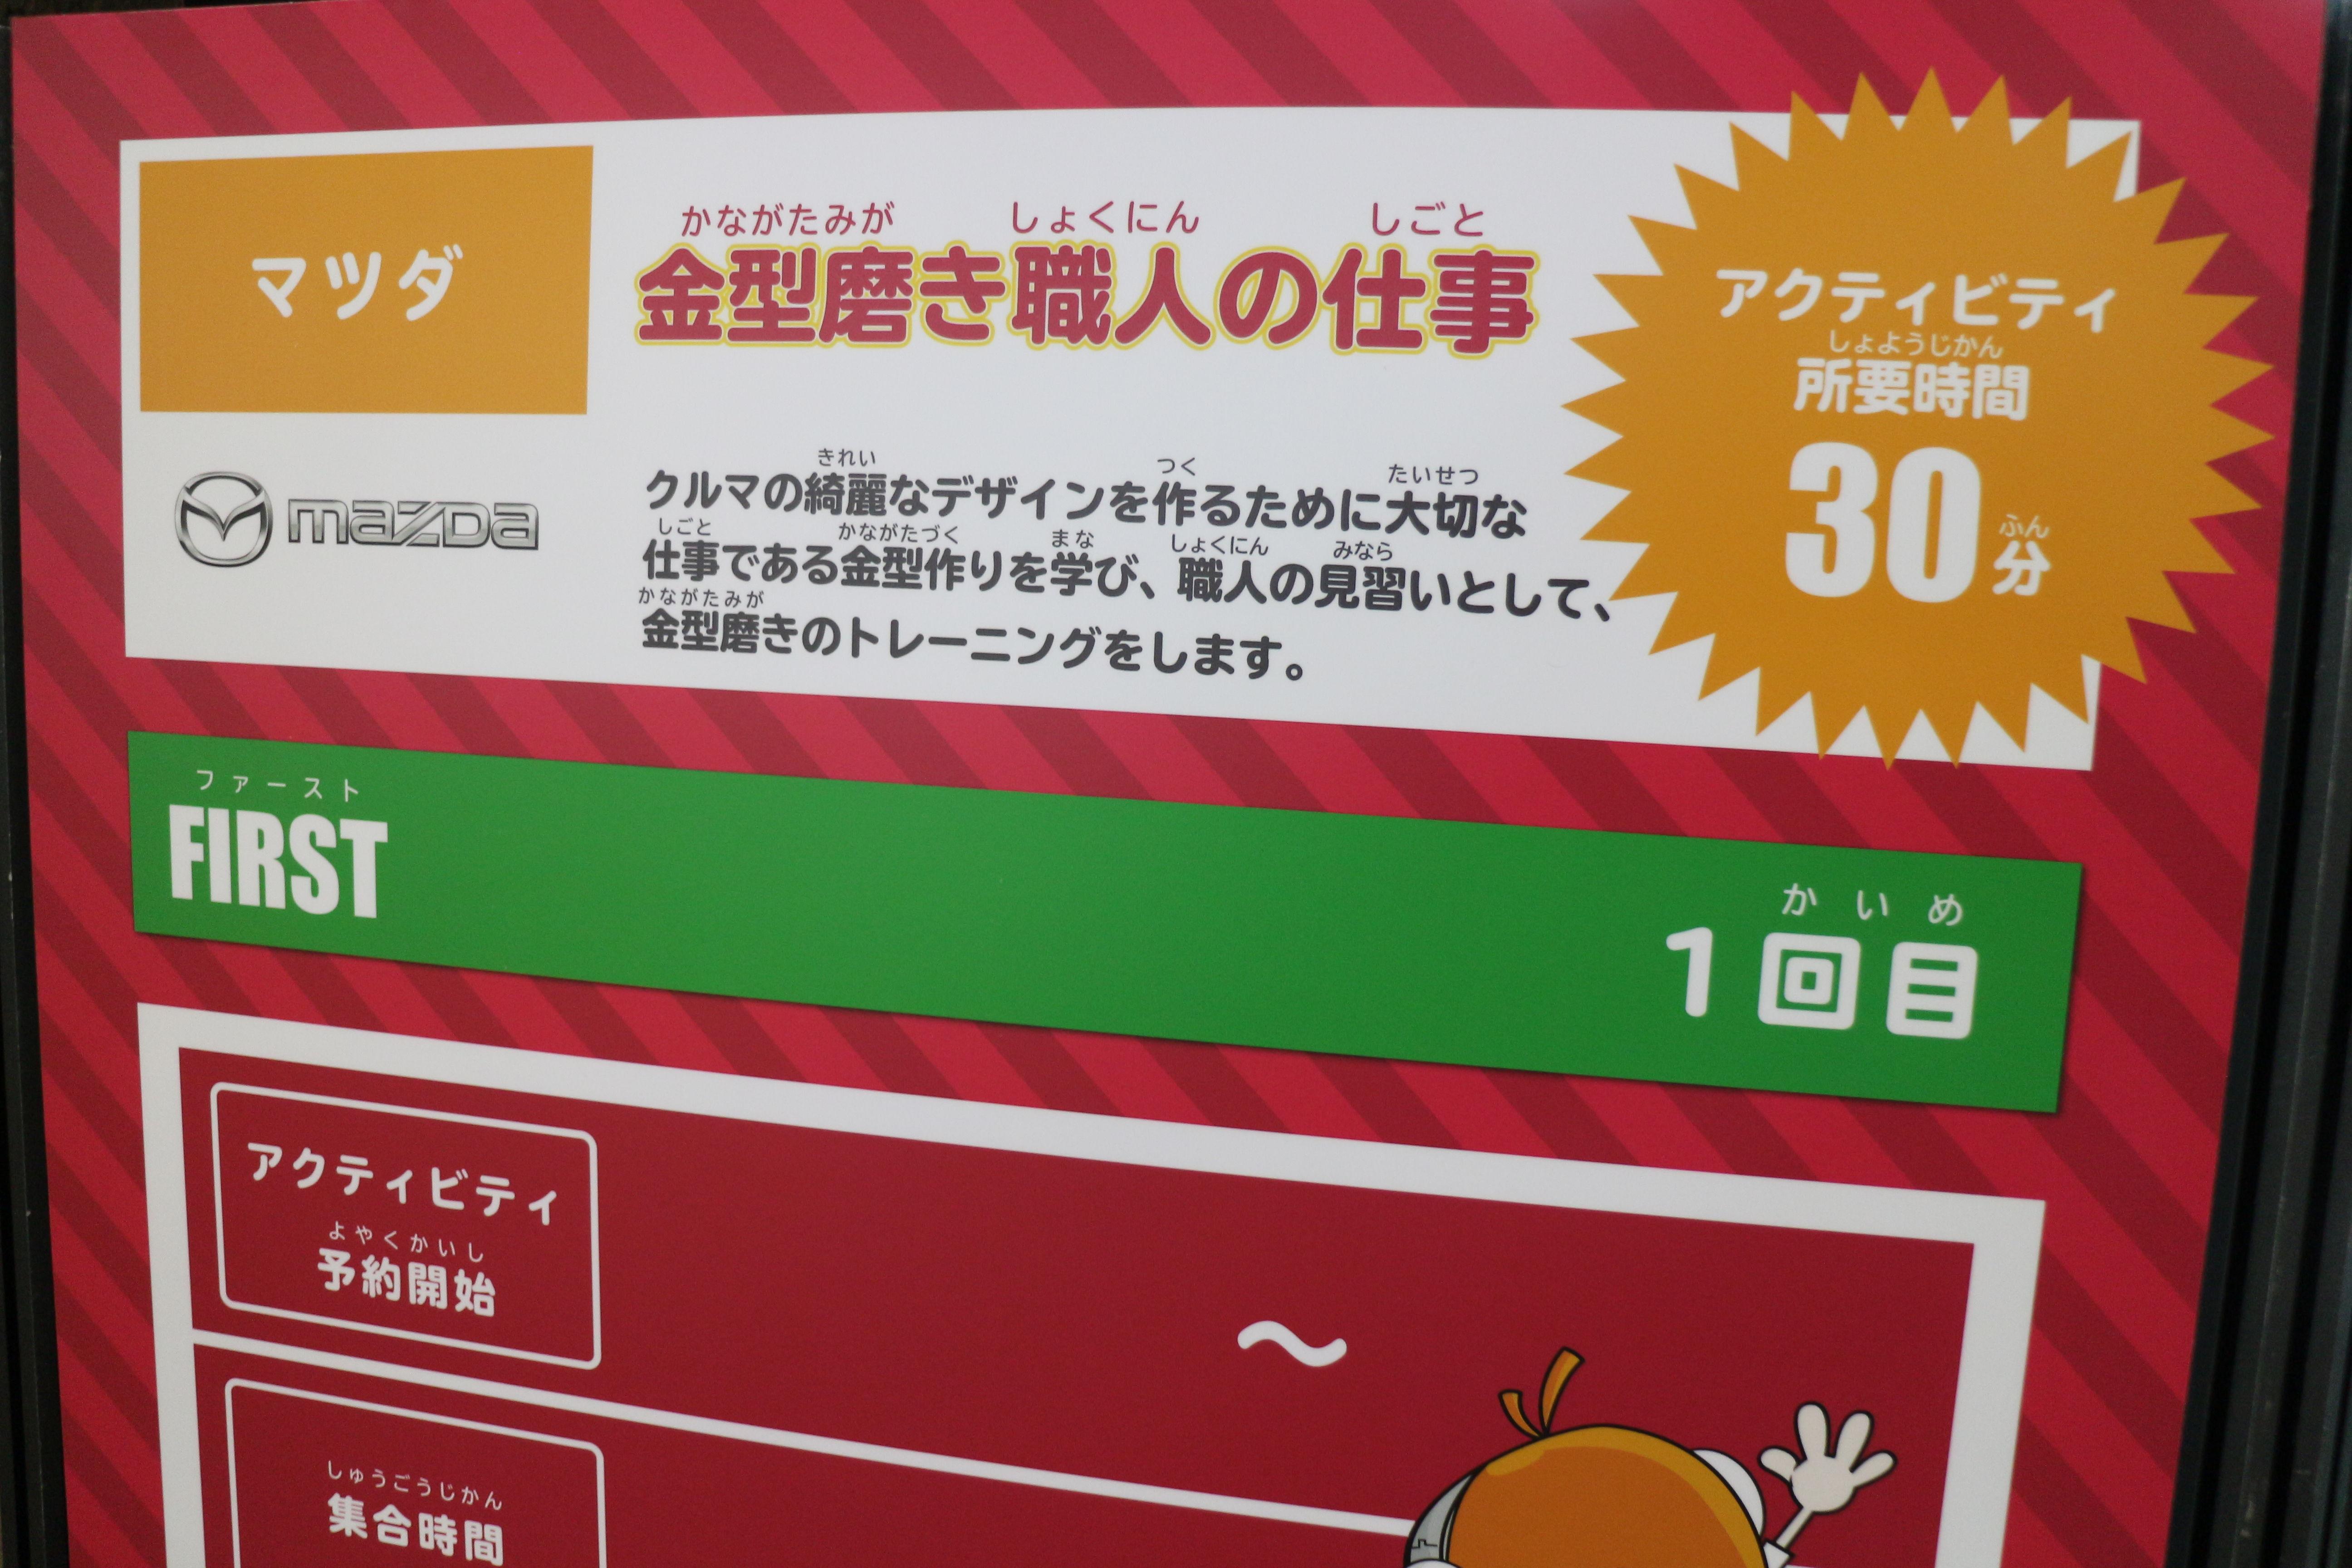 マツダが東京モーターショーで子供たちに「金型を磨かせる」理由